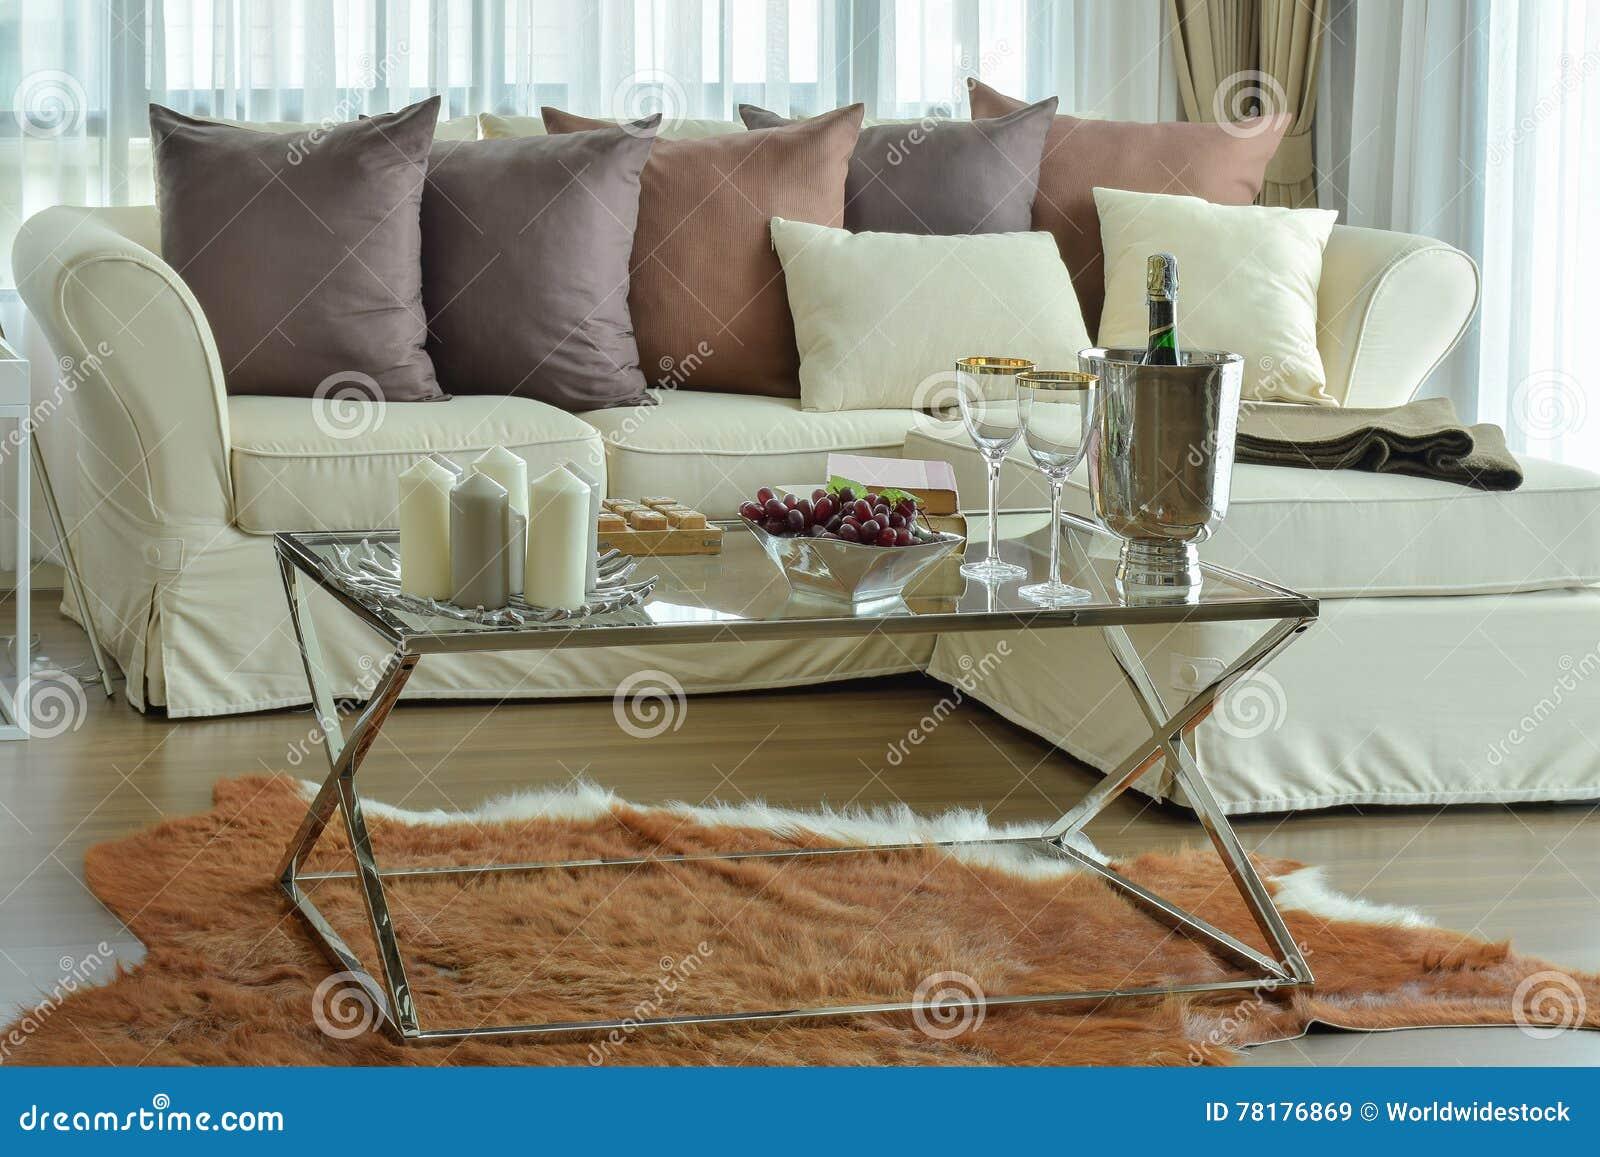 Aromakerzen Und Weingläser Auf Dem Tisch Mit Beige Sofa Und Dunkelbraunen  Kissen Im Wohnzimmer